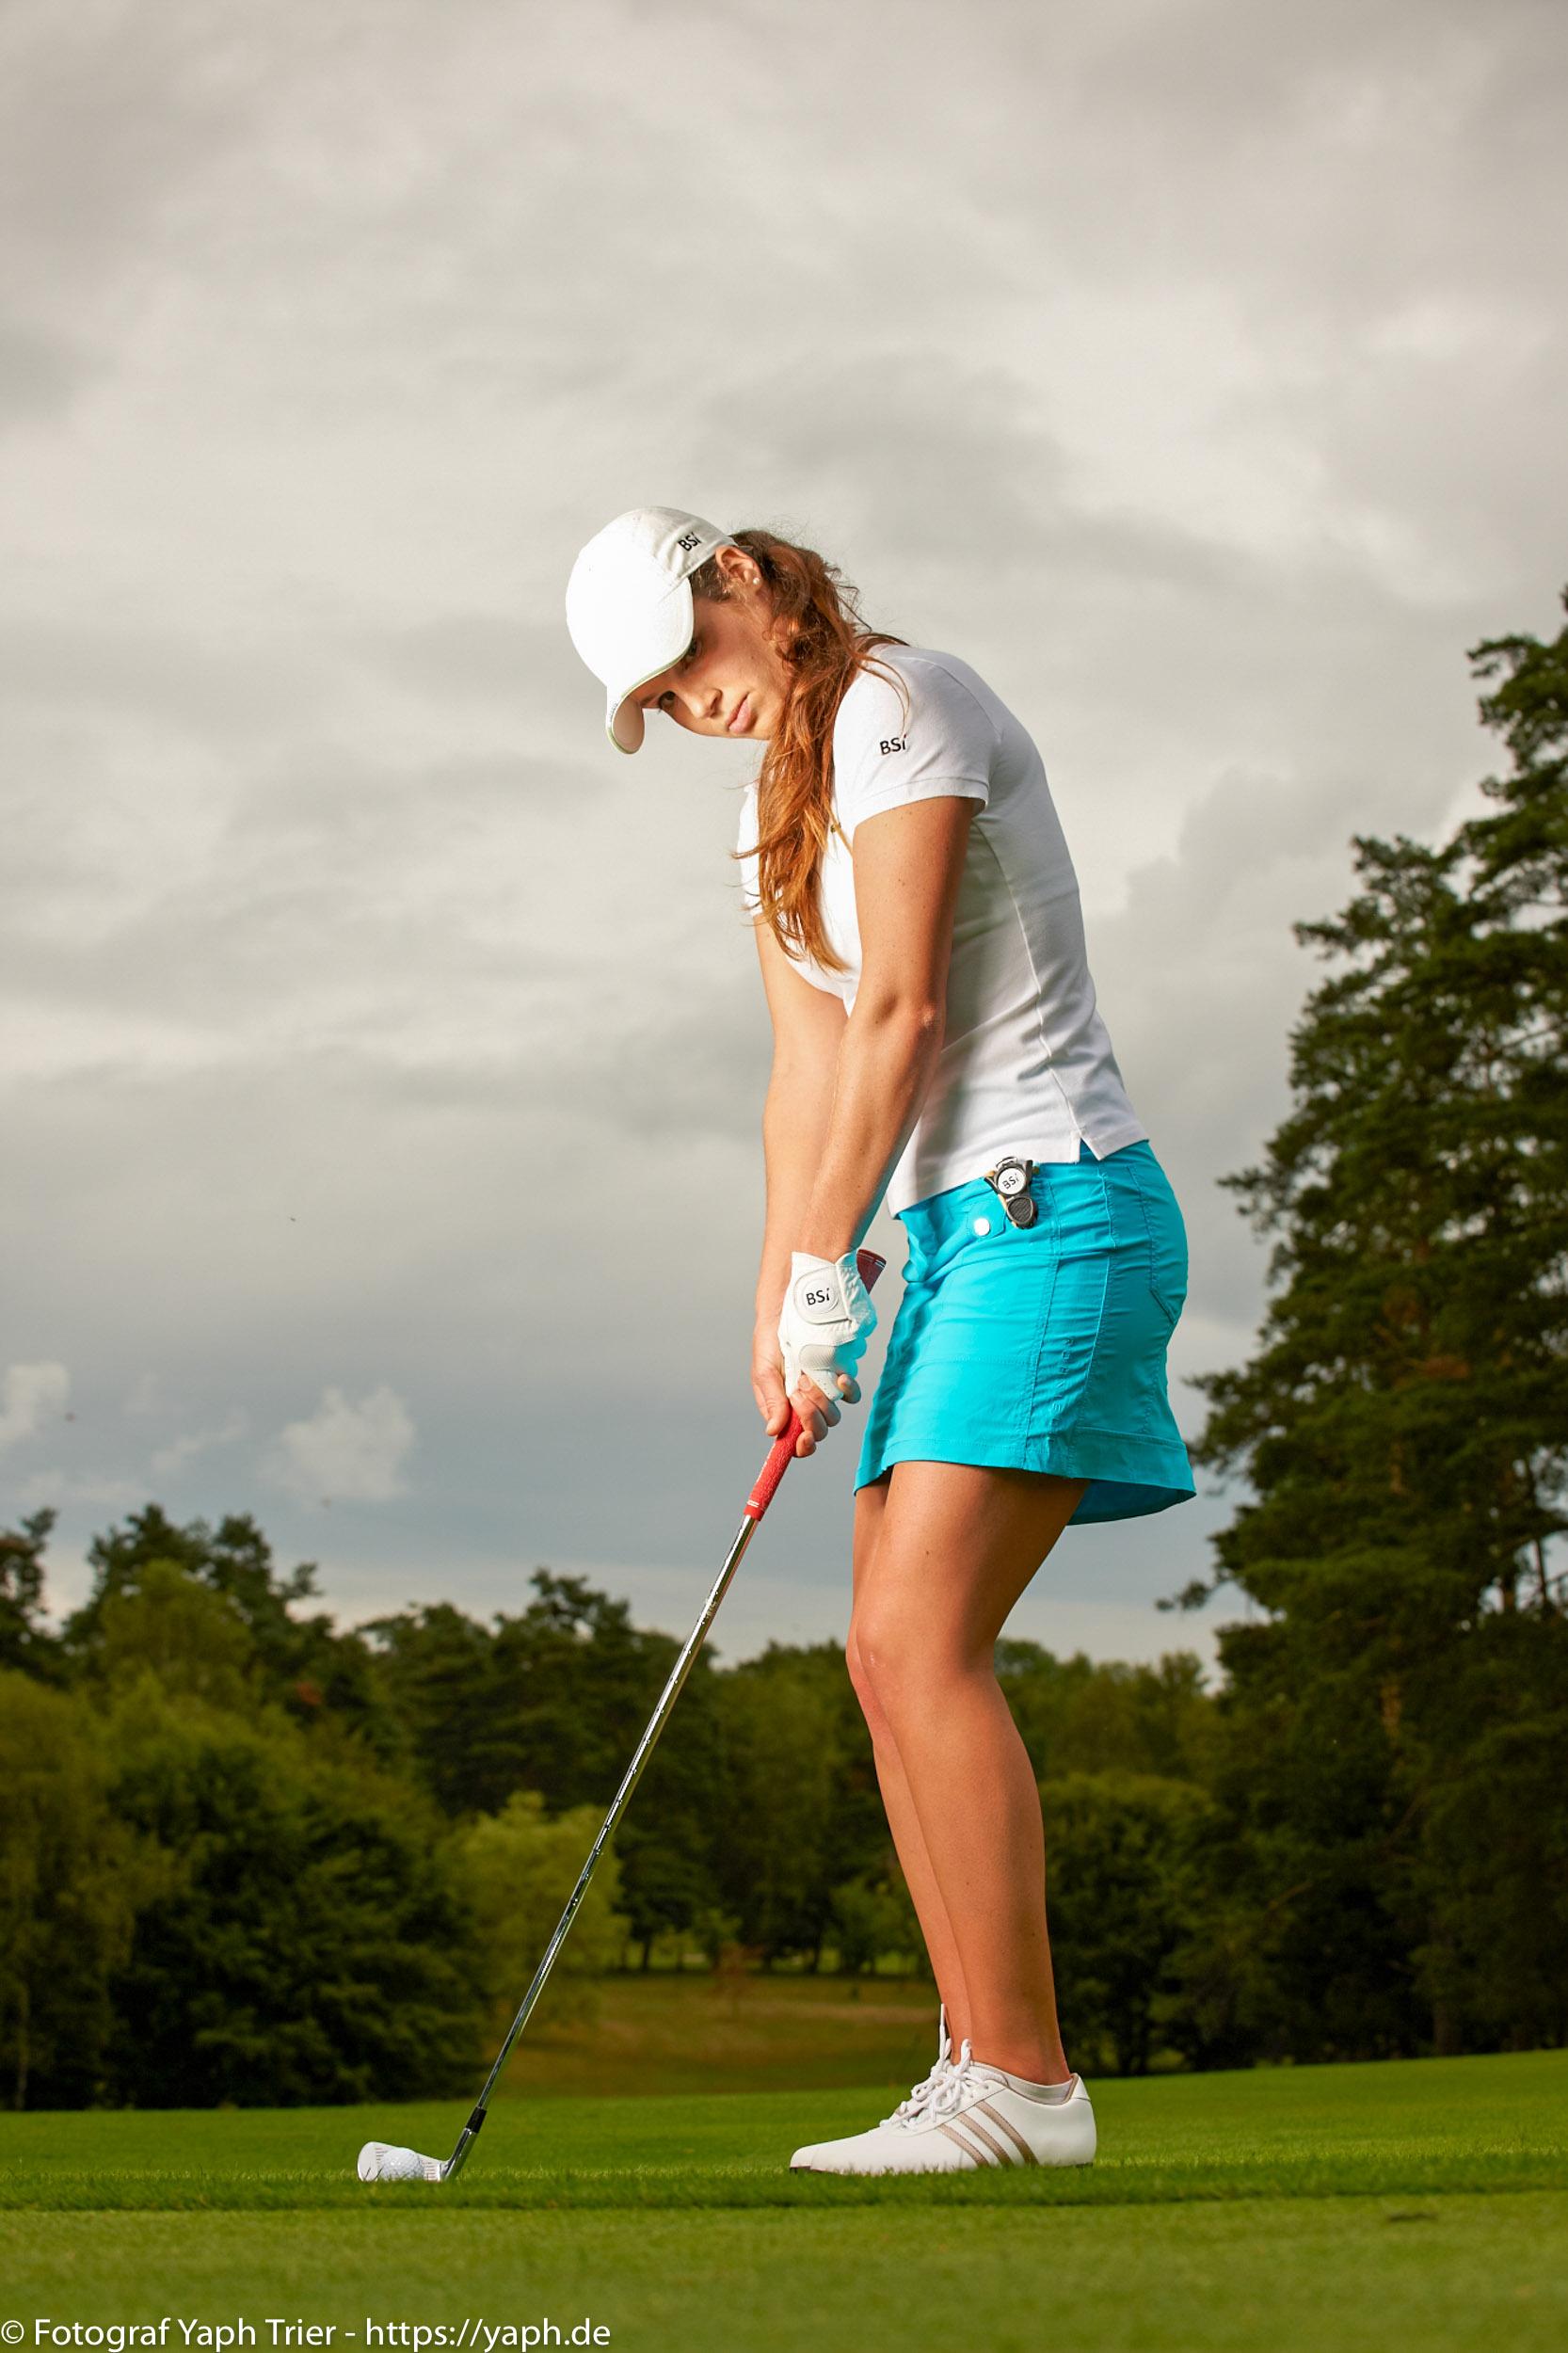 Liebelei Elena Lawrence - luxemburger Golfspielerin bei Fotograf Yaph - 13